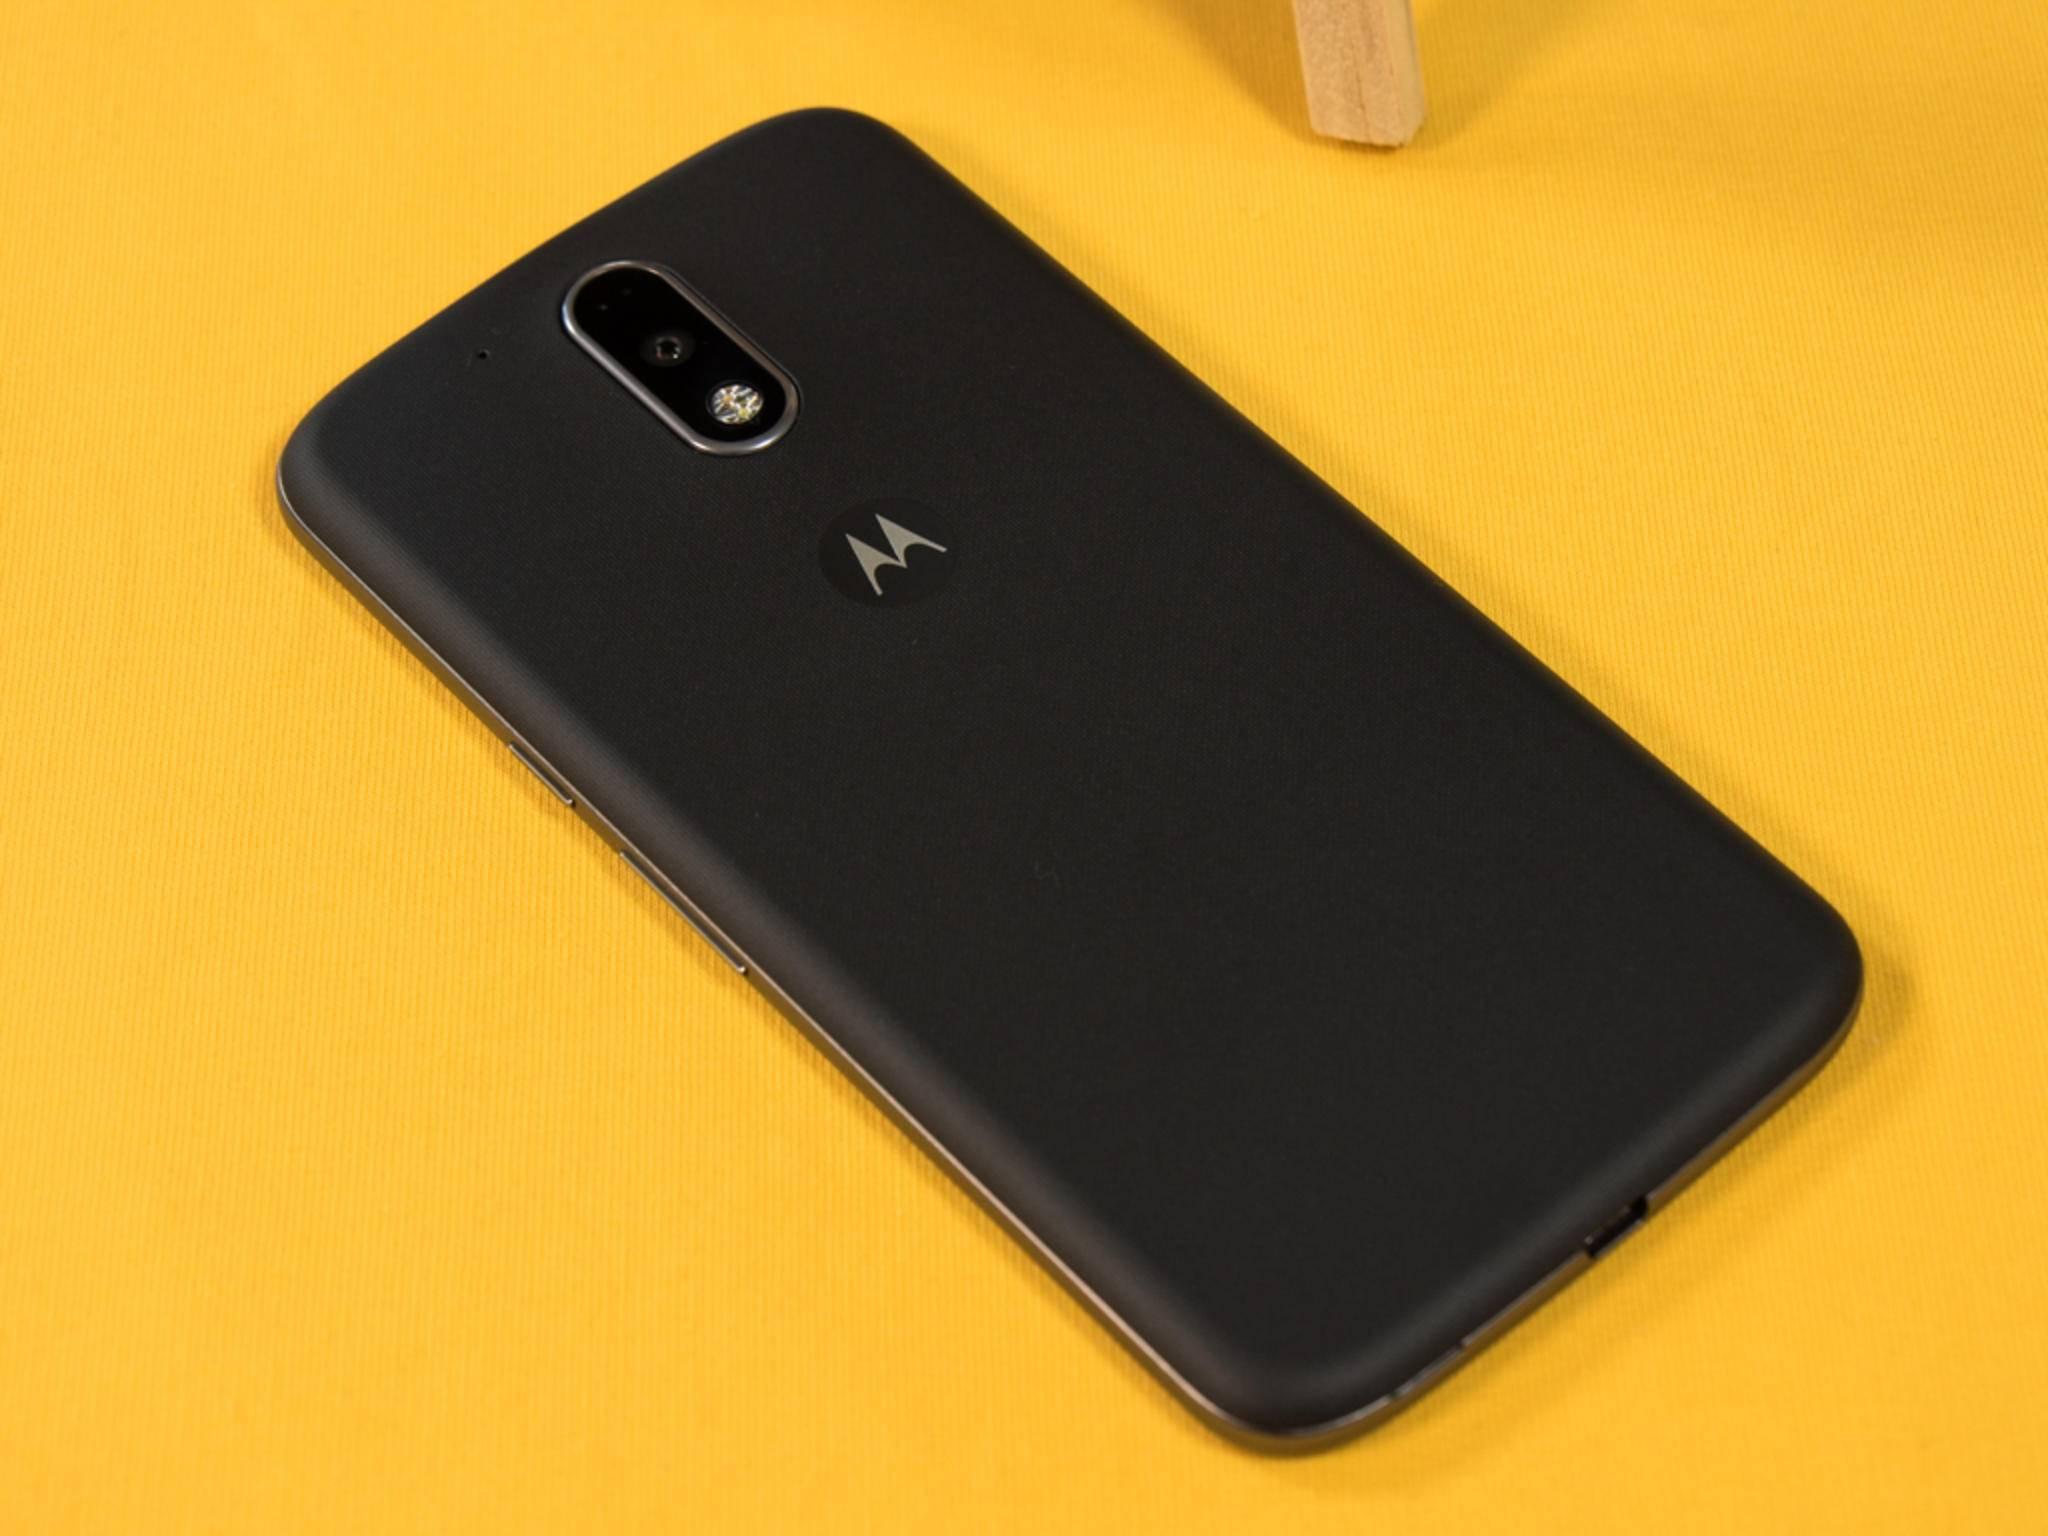 Das Moto G4 Plus orientiert sich am klassischen Motorola-Design.